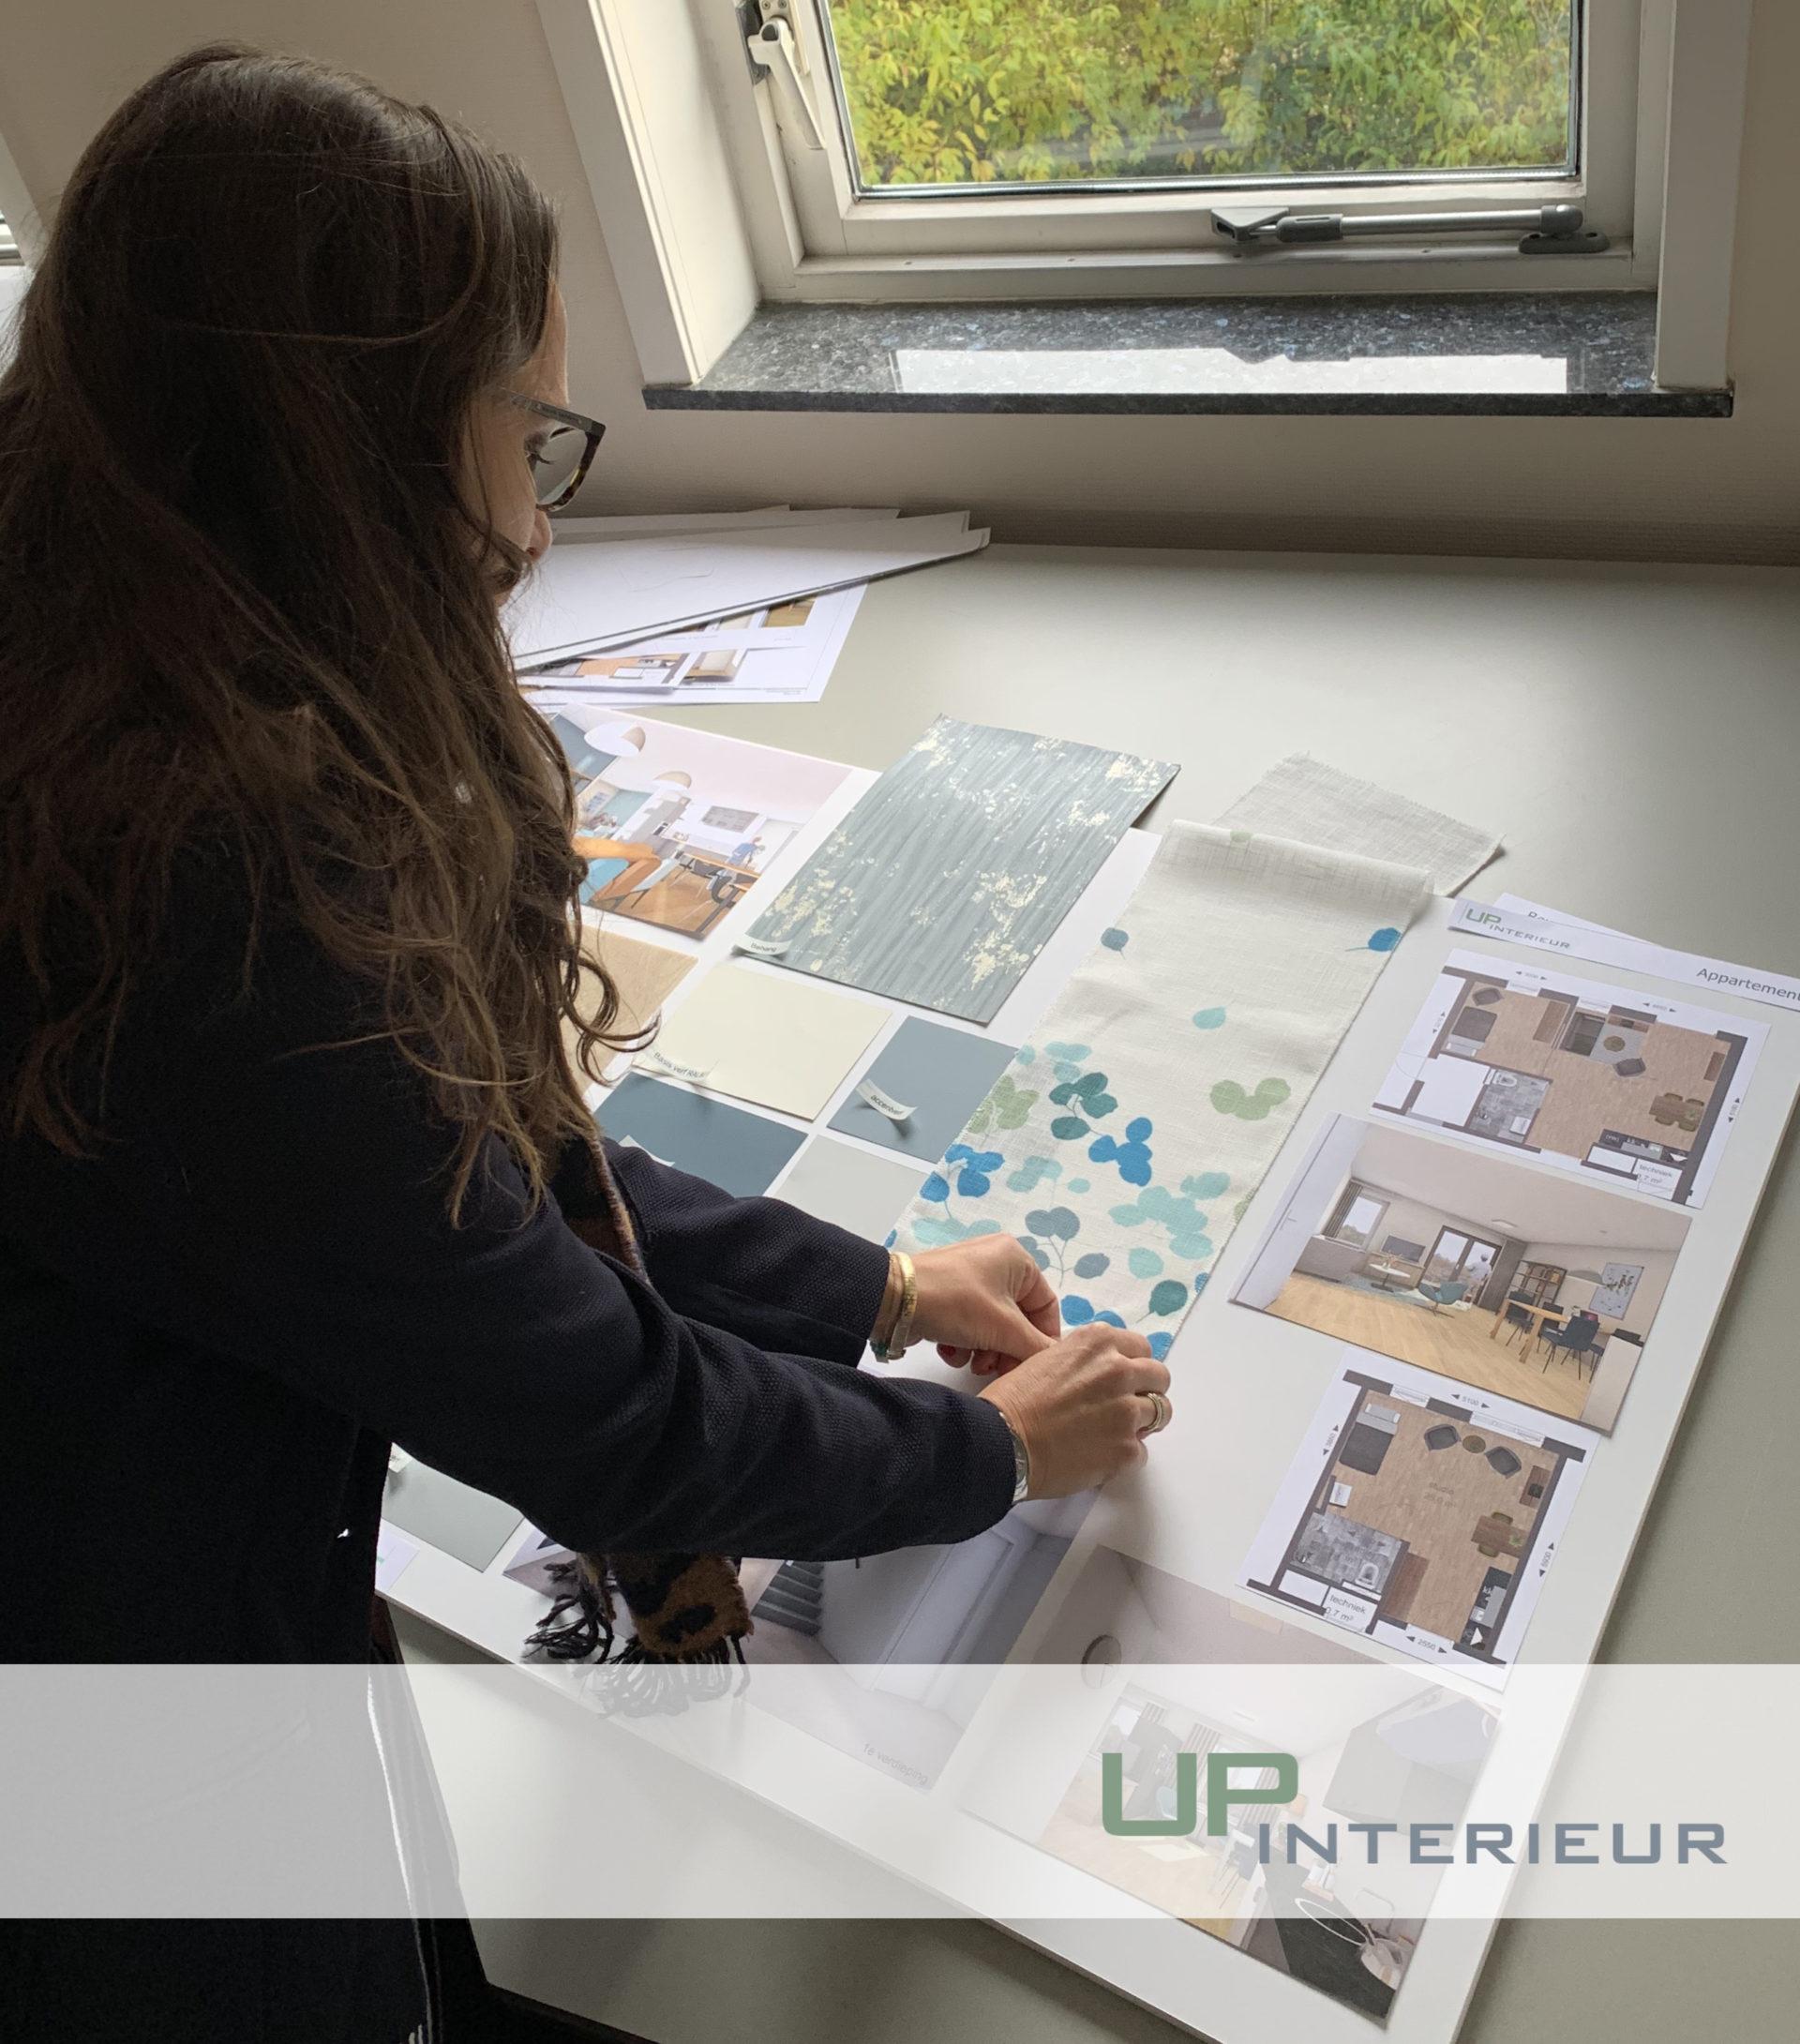 UPinterieur 20191122 Work In Progress Sint Annaland